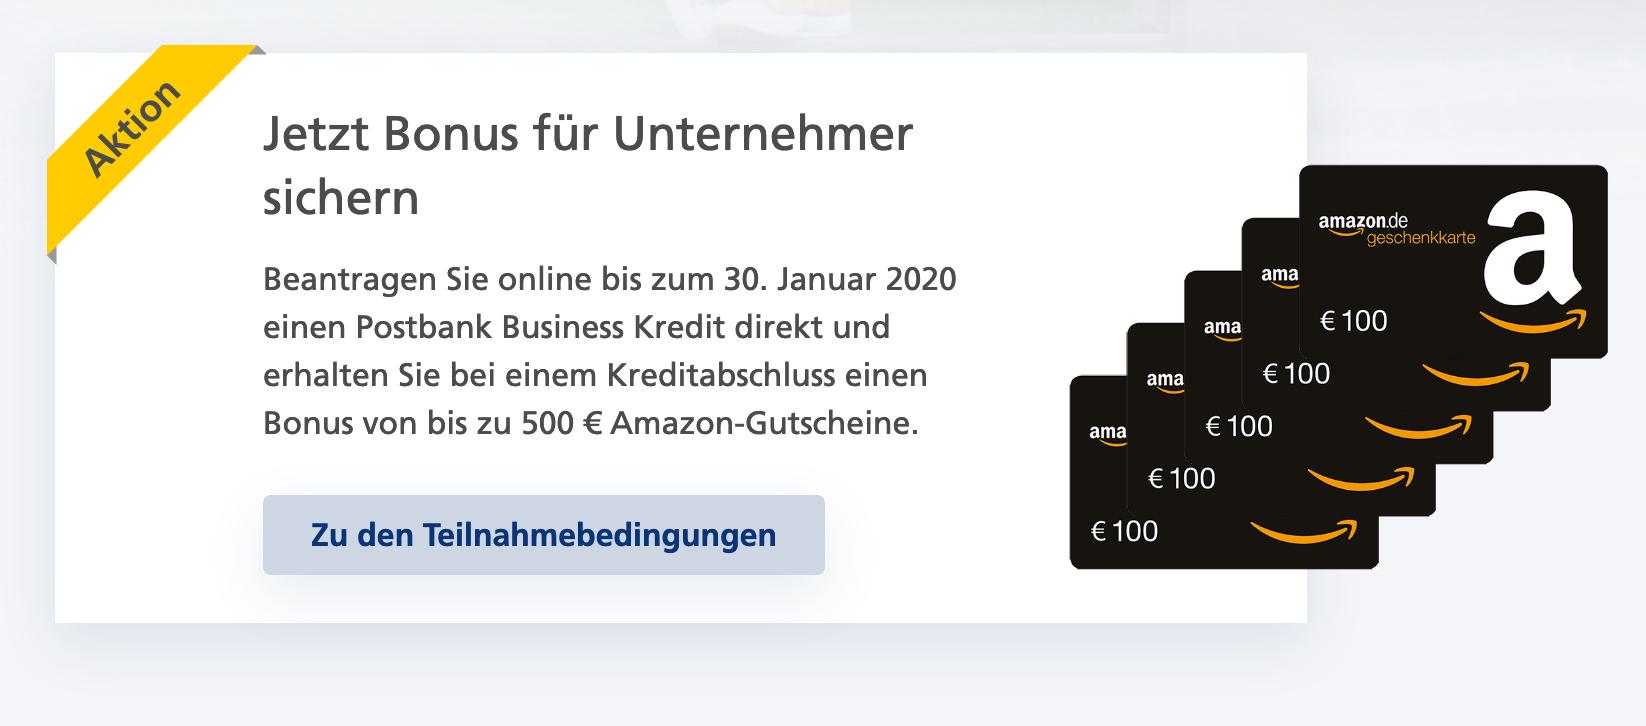 500 € Bonus bis 30.01. für einen Kredit ab 1,39% bei Postbank für Selbständige